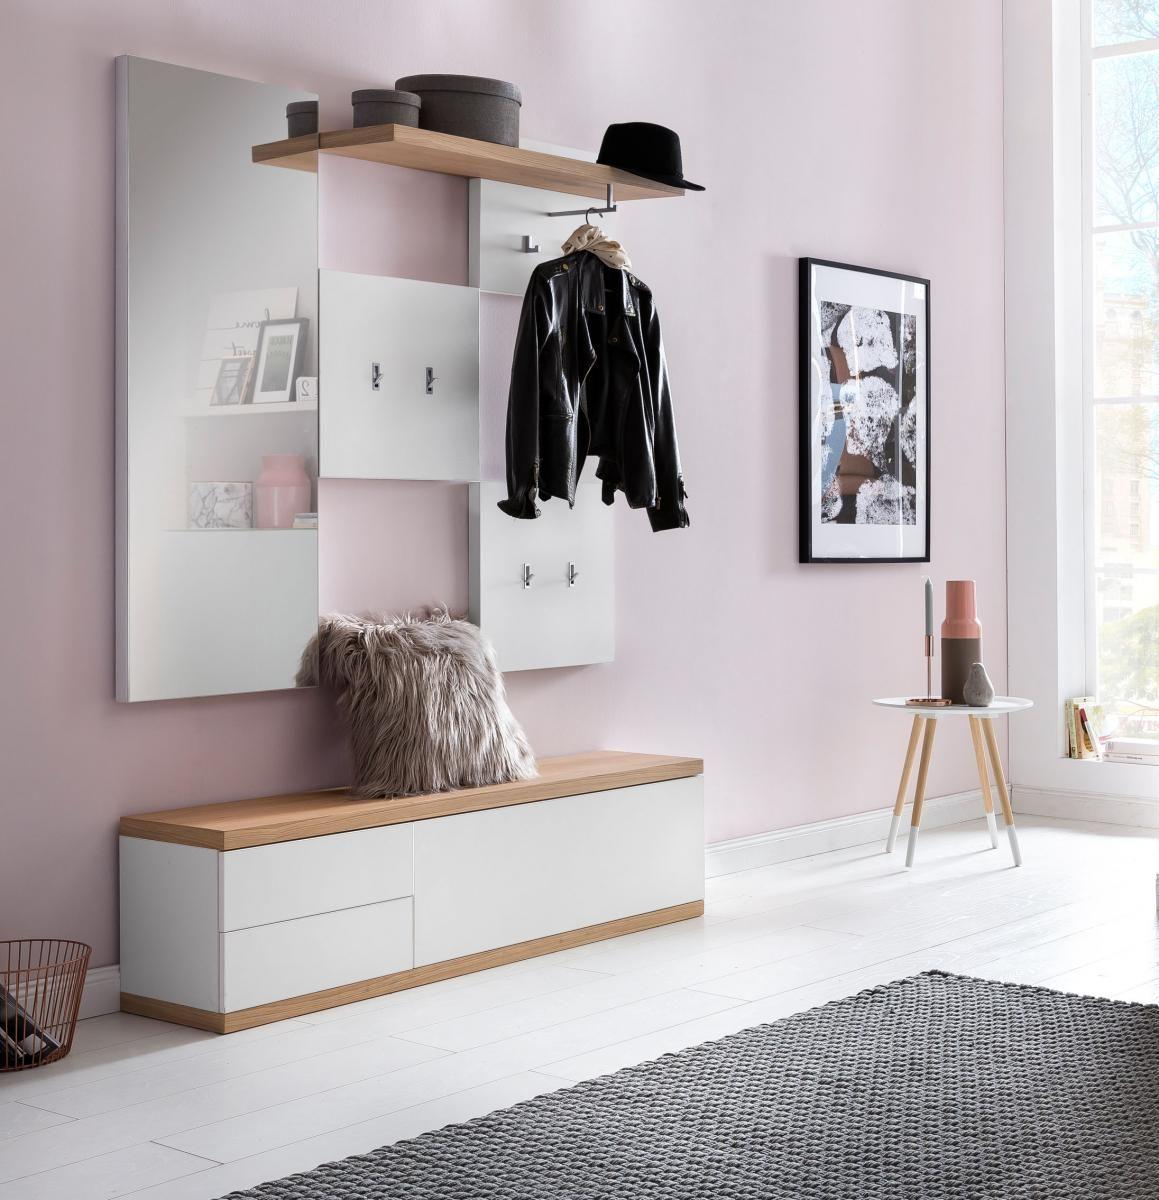 Garderobenkombination Garderobe Wohnwelt Kleider Kombinationen